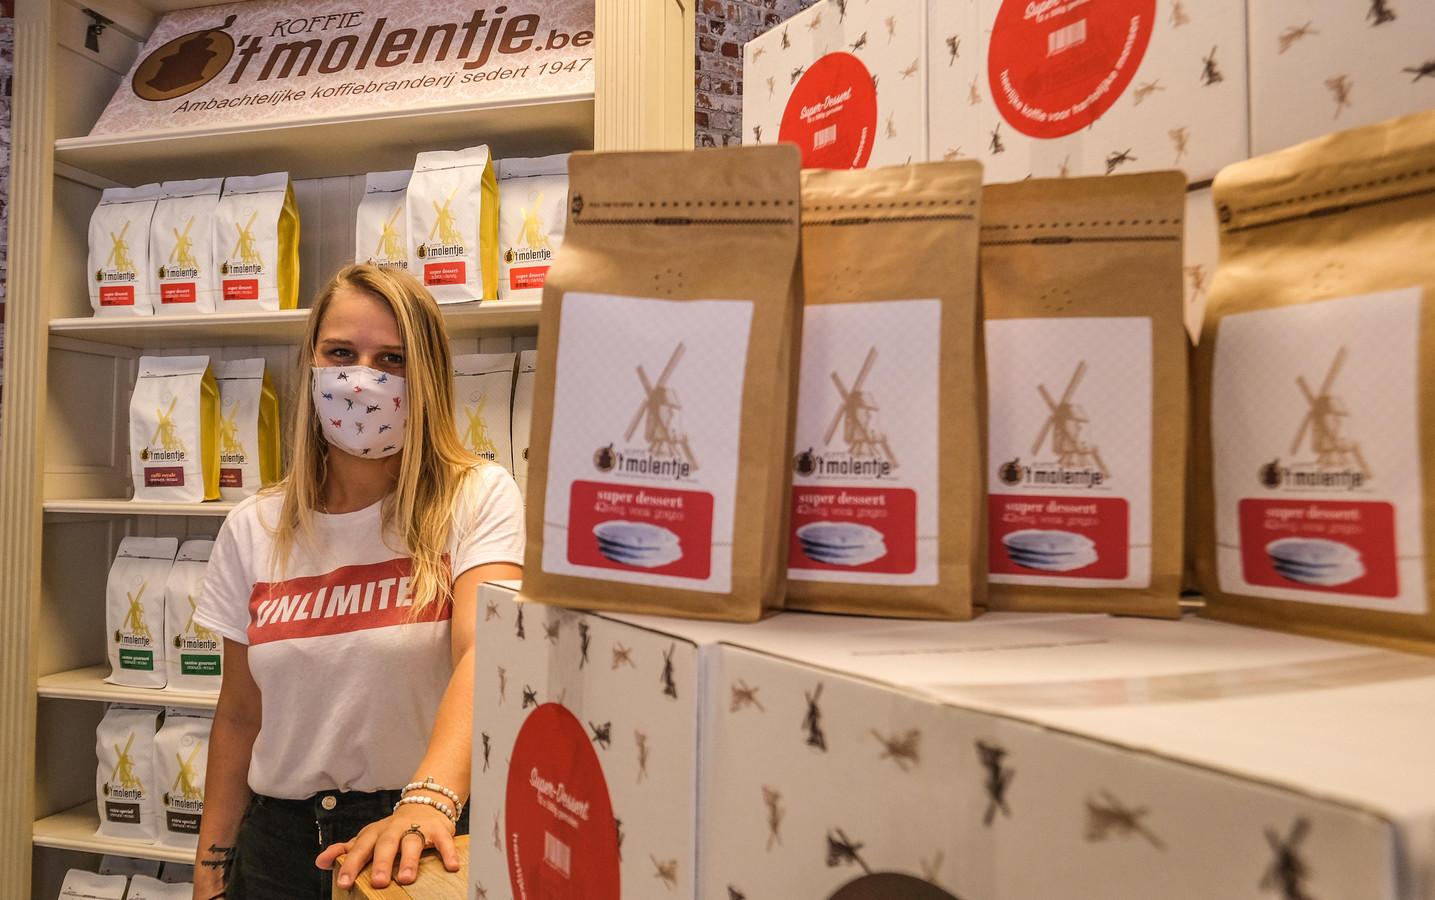 Koffie 't Molentje is een van de deelnemers aan de koffiemarkt